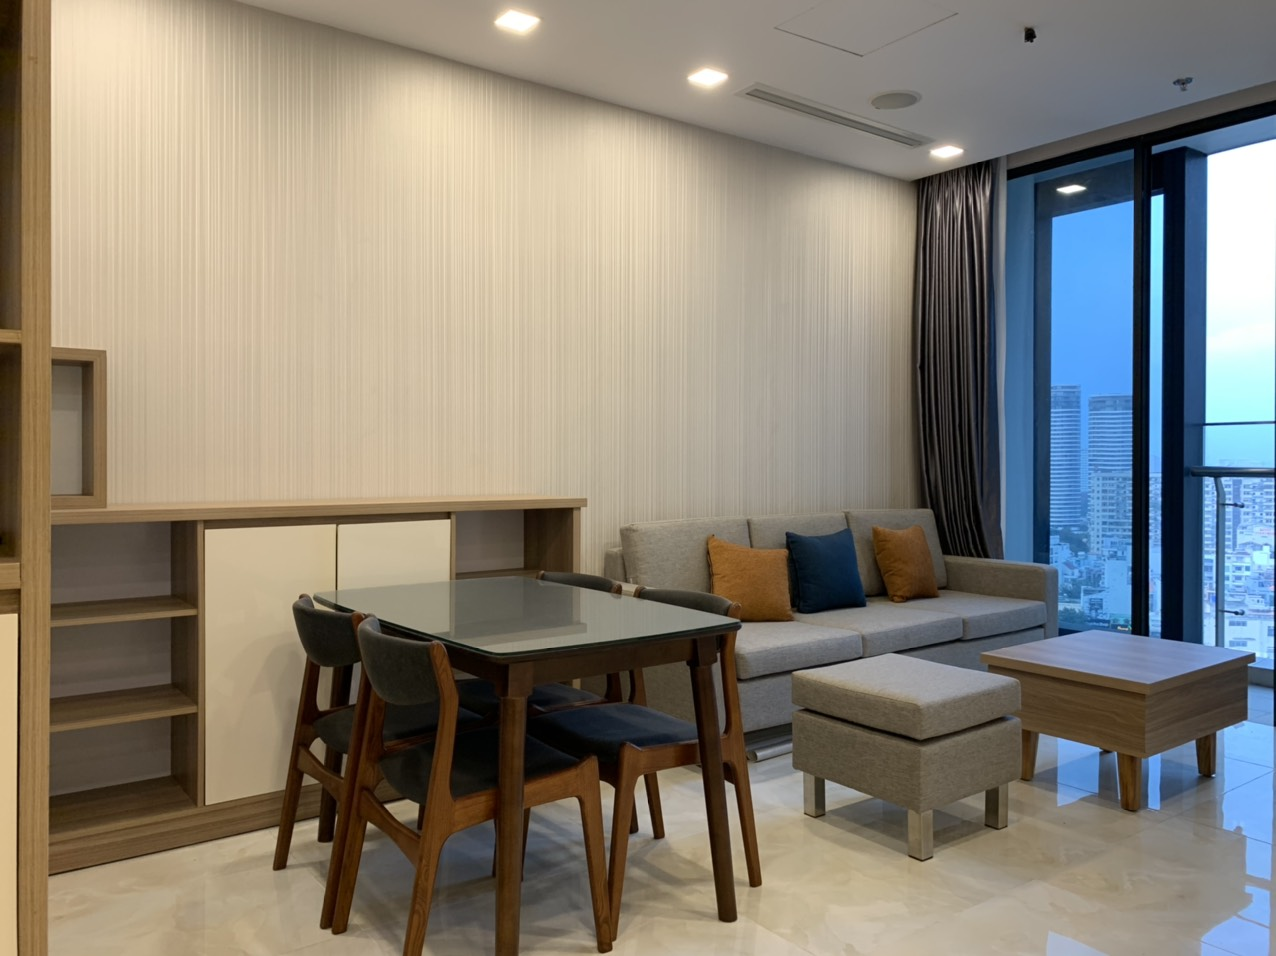 Cho thuê 2 phòng ngủ Vinhomes Golden river - ID 010111